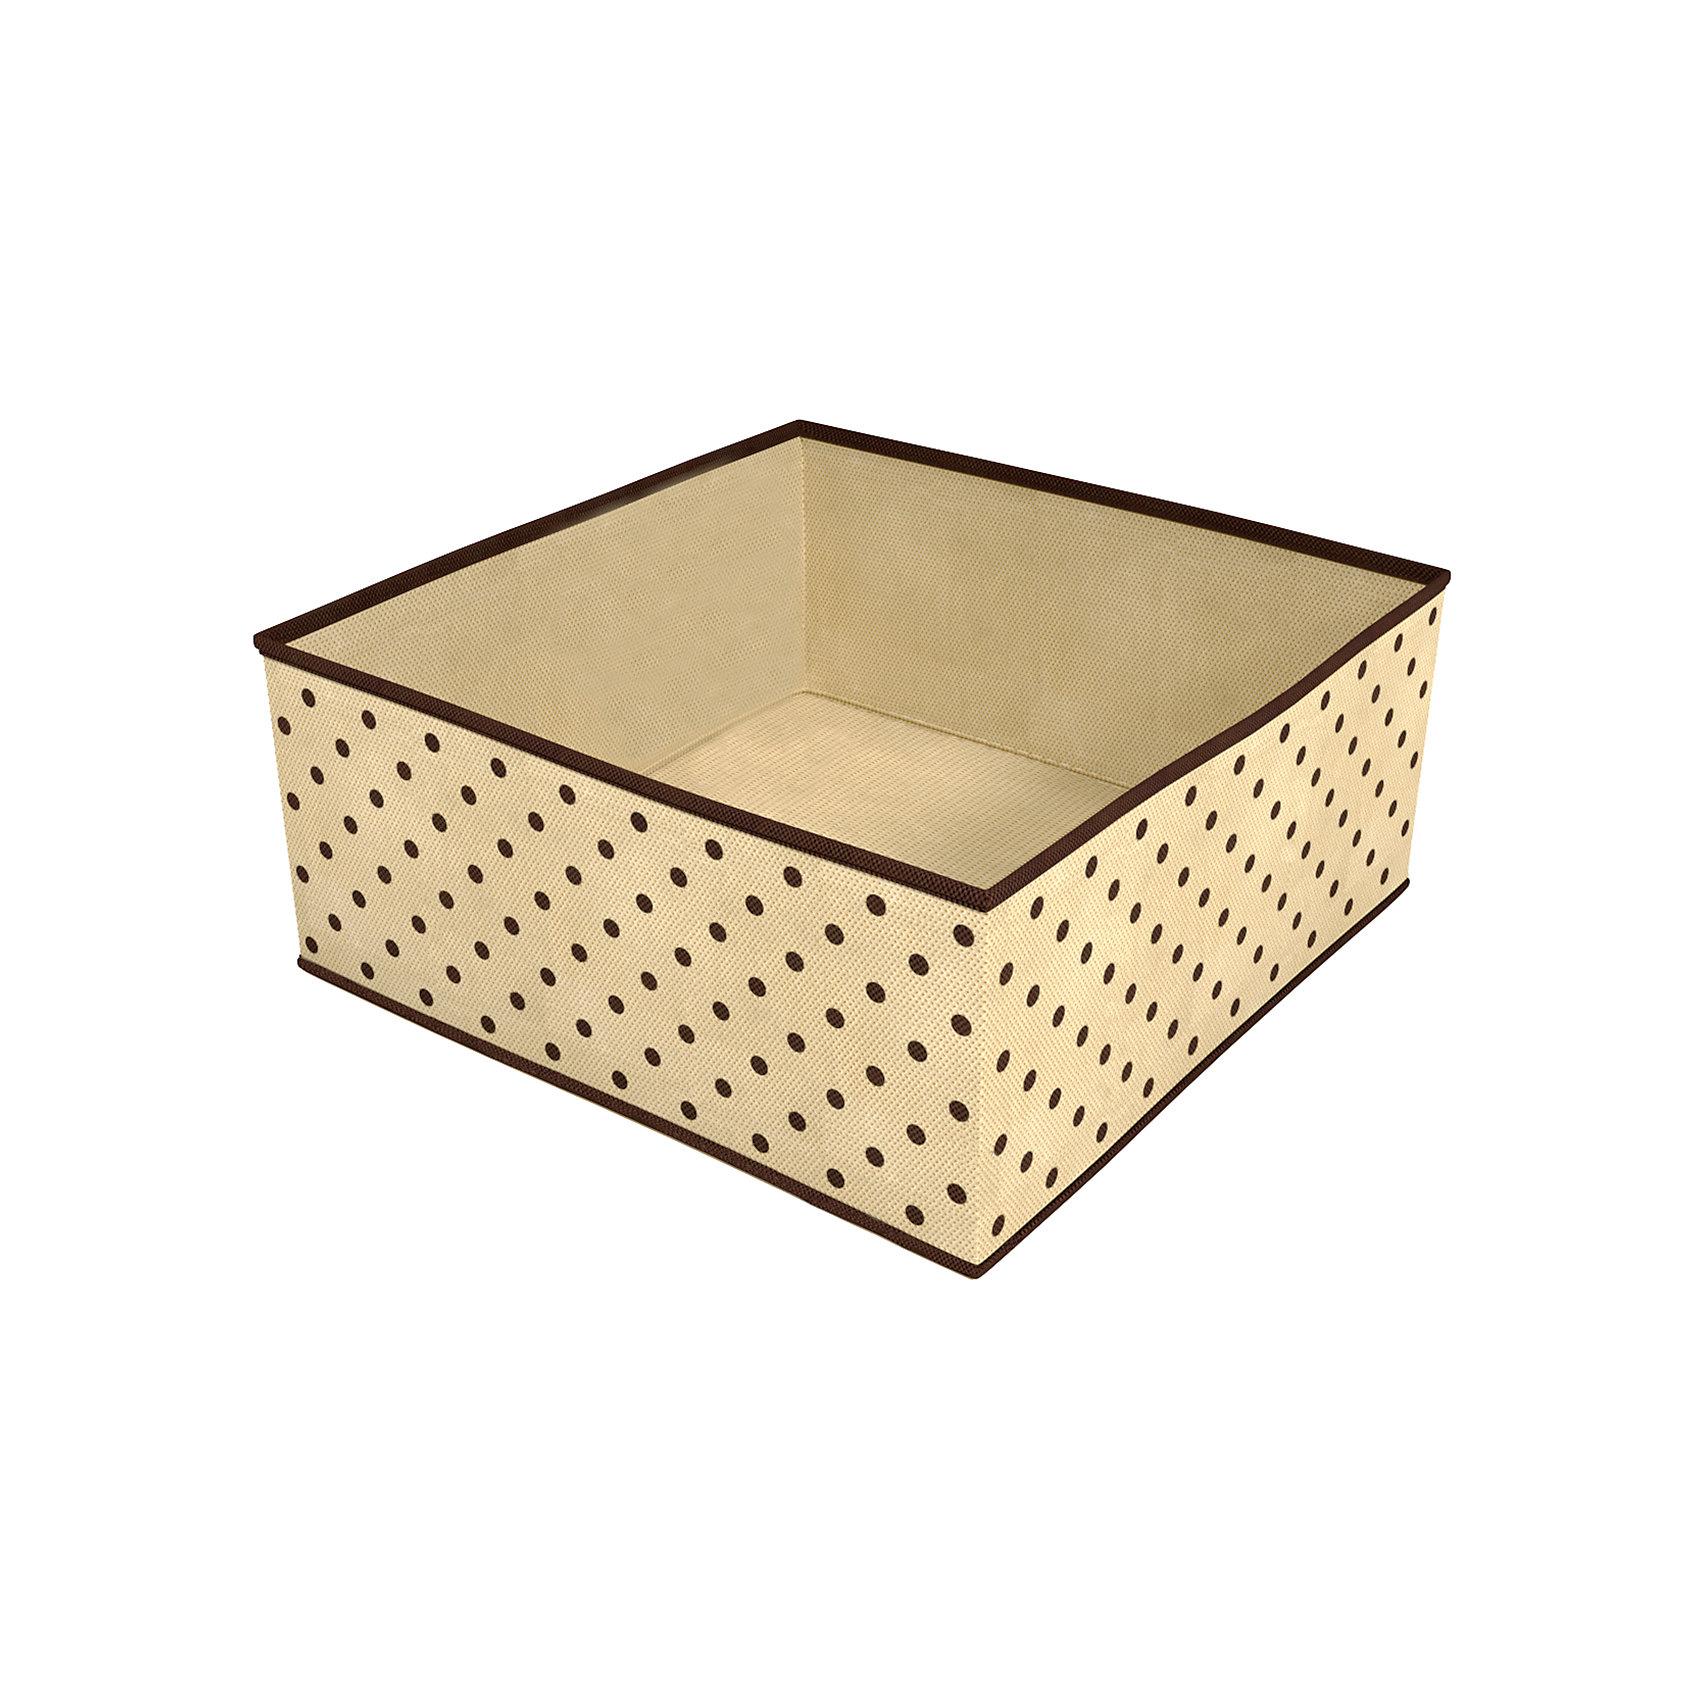 Коробка для хранения вещей (30х30х13 см), HomsuПорядок в детской<br>Характеристики товара:<br><br>• цвет: бежевый<br>• материал: полиэстер, картон<br>• размер: 30х30х13 см<br>• вес: 300 г<br>• легкий прочный каркас<br>• обеспечивает естественную вентиляцию<br>• вместимость: 1 отделение<br>• страна бренда: Россия<br>• страна изготовитель: Китай<br><br>Коробка для хранения вещей от бренда Homsu (Хомсу) - очень удобная вещь для хранения вещей и эргономичной организации пространства.<br><br>Предмет легкий, устойчивый, вместительный, обеспечивает естественную вентиляцию.<br><br>Коробку для хранения вещей (30х30х13 см), Homsu можно купить в нашем интернет-магазине.<br><br>Ширина мм: 550<br>Глубина мм: 150<br>Высота мм: 20<br>Вес г: 300<br>Возраст от месяцев: 216<br>Возраст до месяцев: 1188<br>Пол: Унисекс<br>Возраст: Детский<br>SKU: 5620090